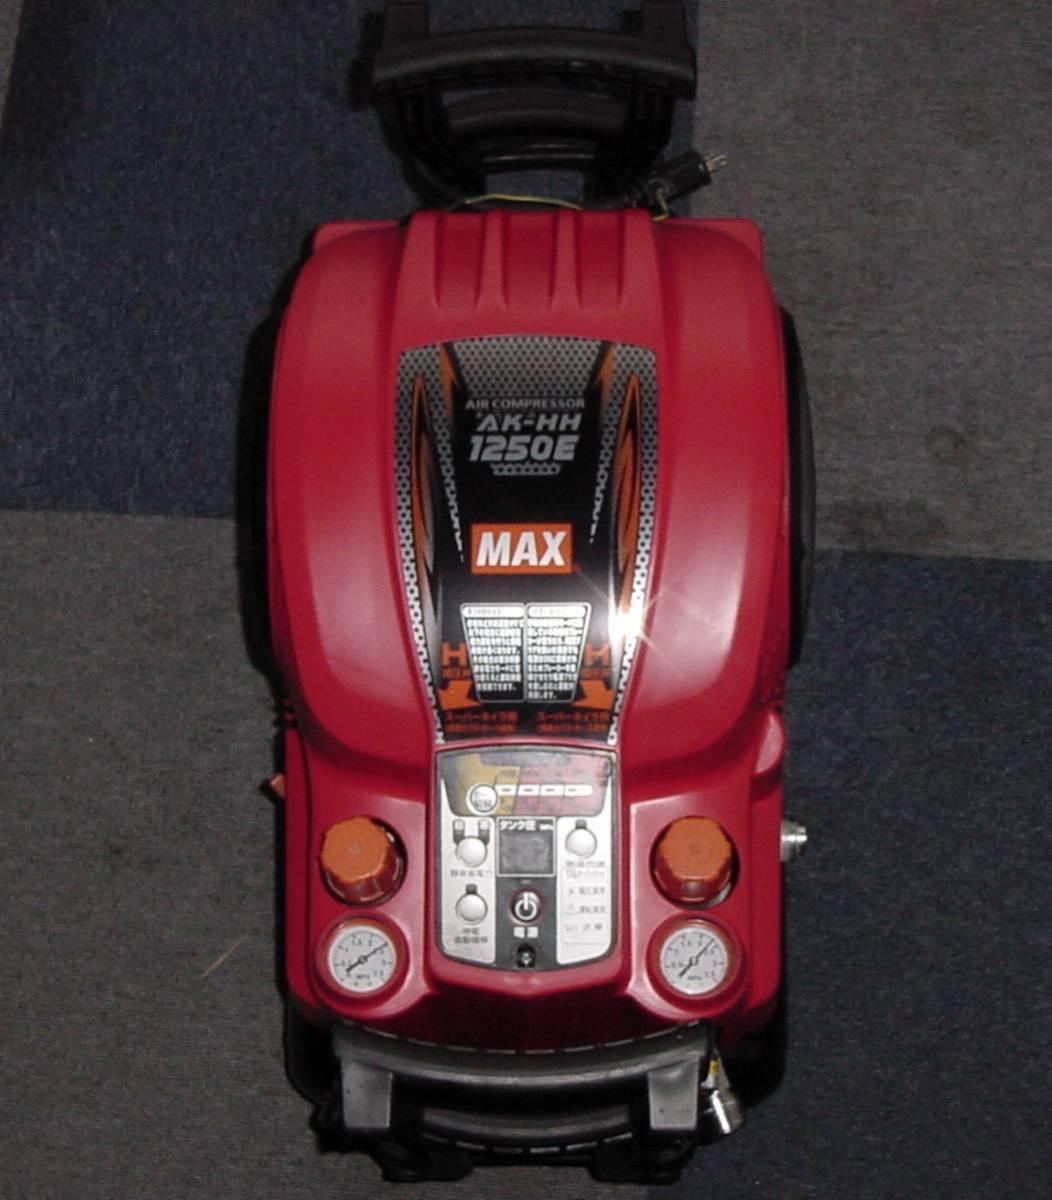 3ヶ月間保障付 MAXス-パーエアコンプレッサ AK-HH1250E  ③  満タン早い  静か 4口共高圧仕様 増設カプラ付_画像2